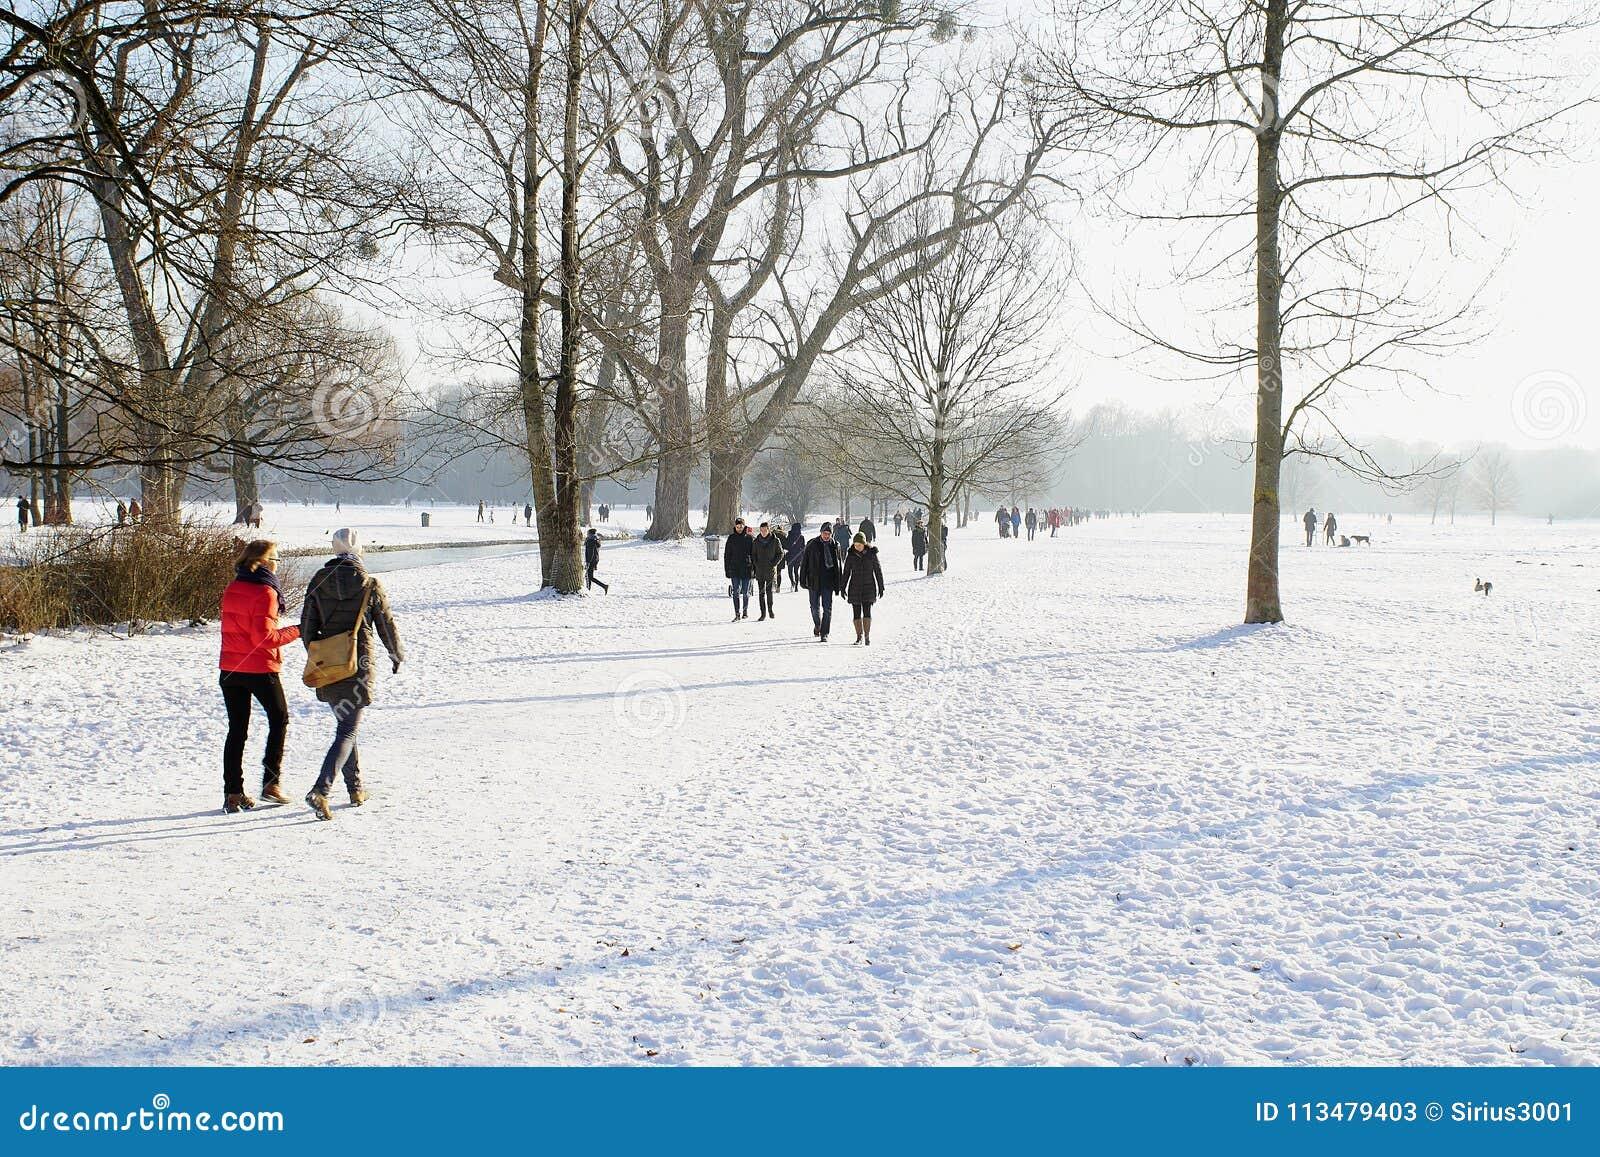 Winter snow in English Garden, Munich